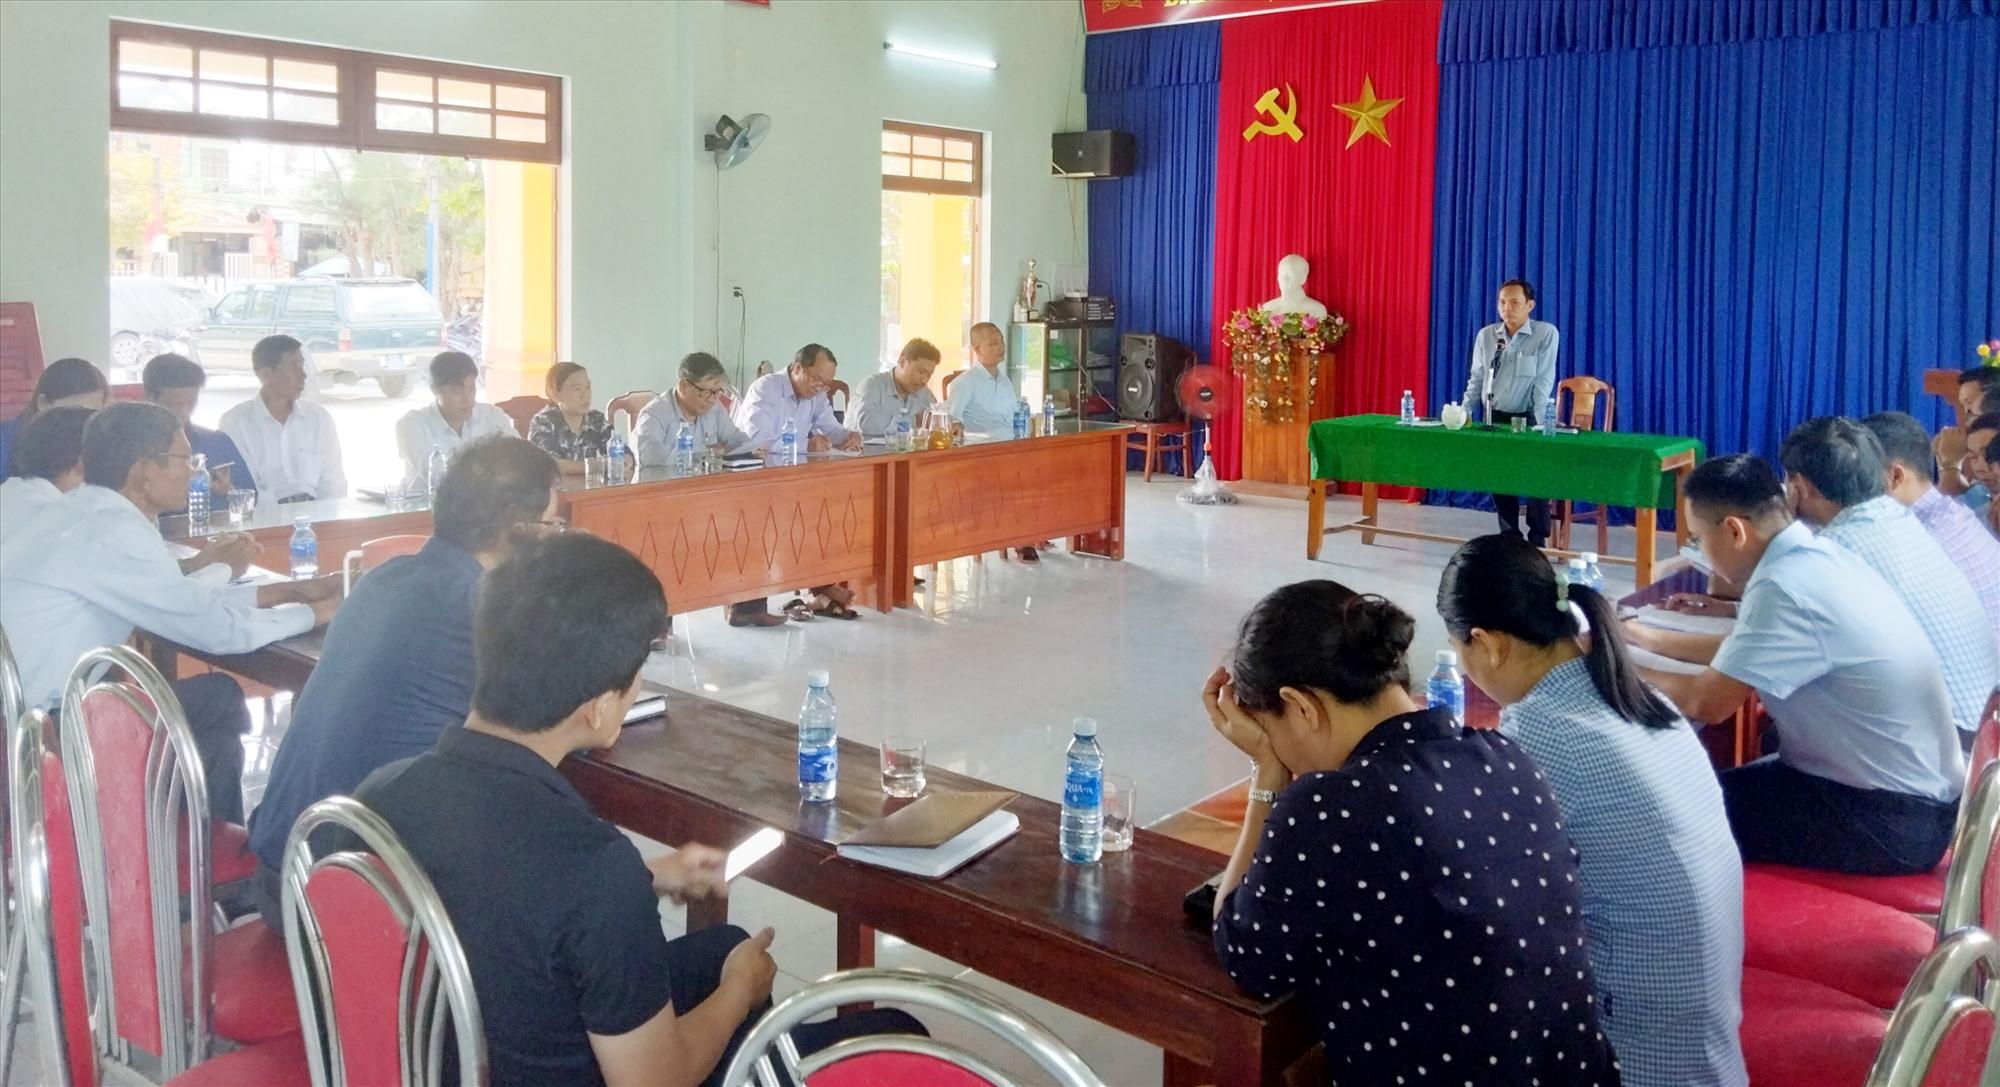 Huyện Thăng Bình tổ chức đối thoại với hộ ông Nguyễn Thành liên quan đến dự án cầu Bình Đào.